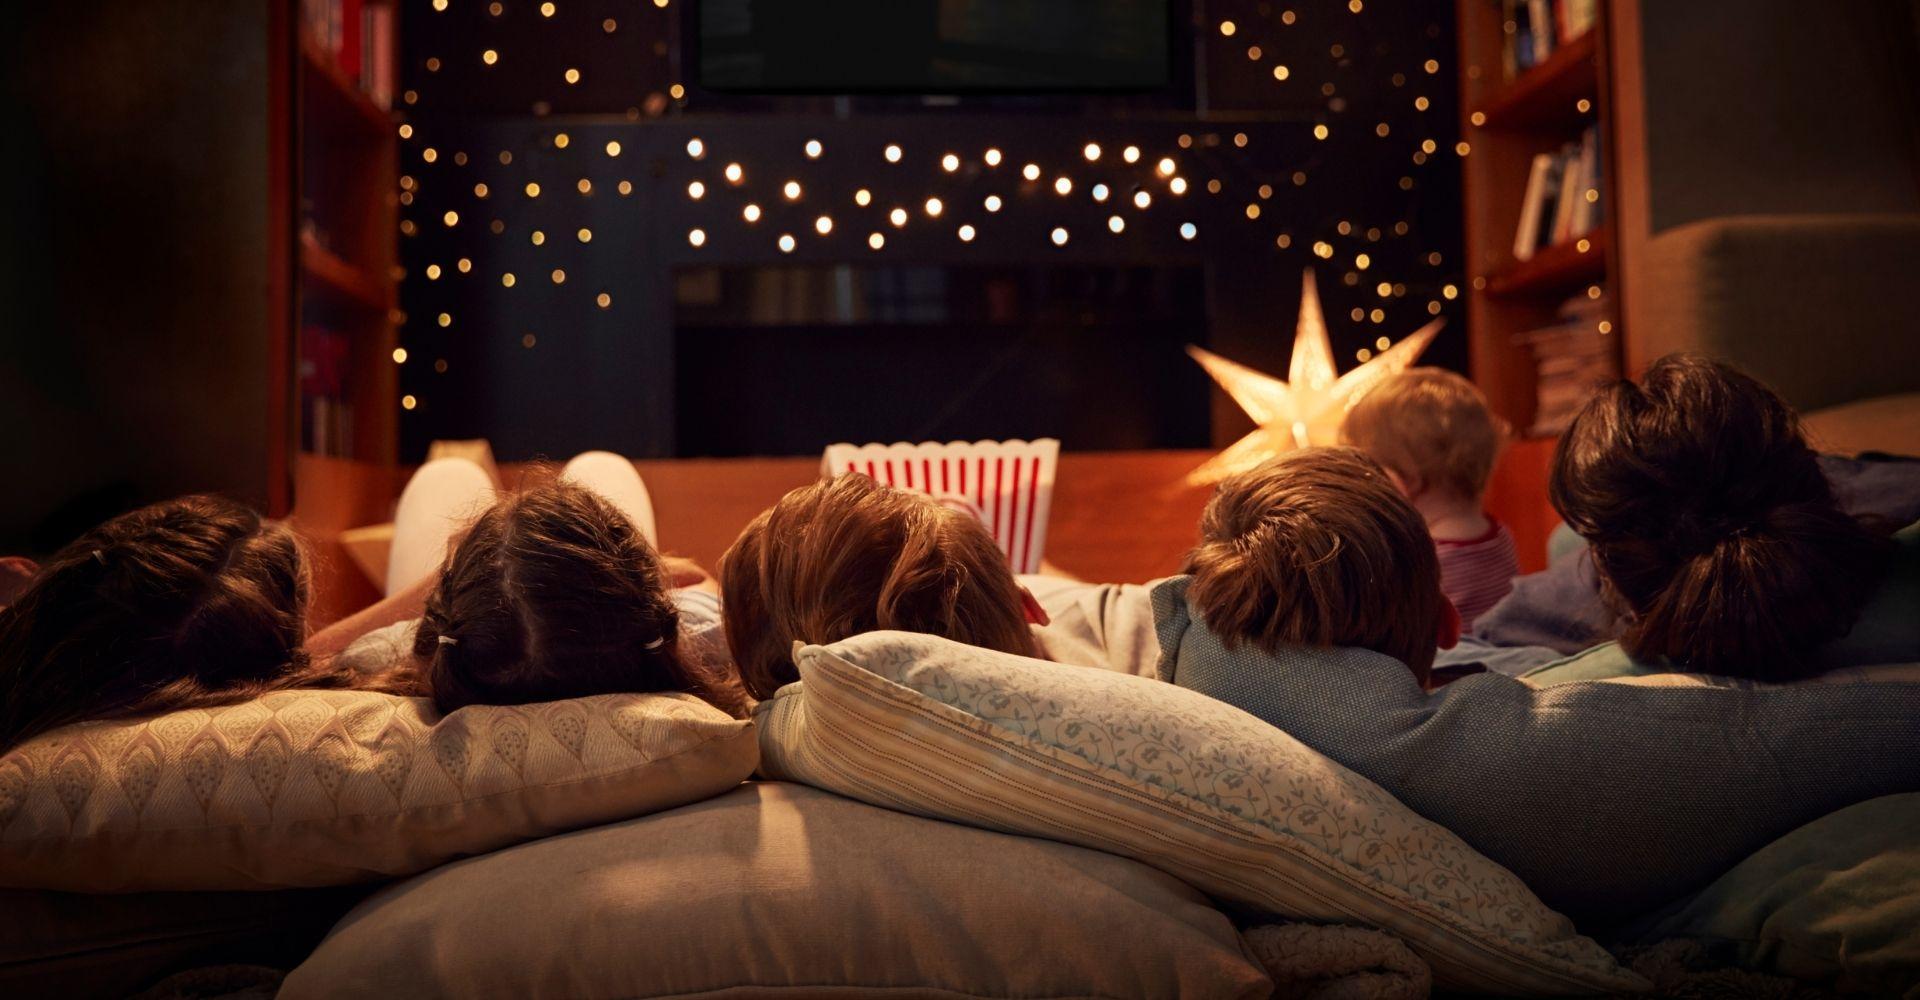 Najlepsze świąteczne filmy Netflix